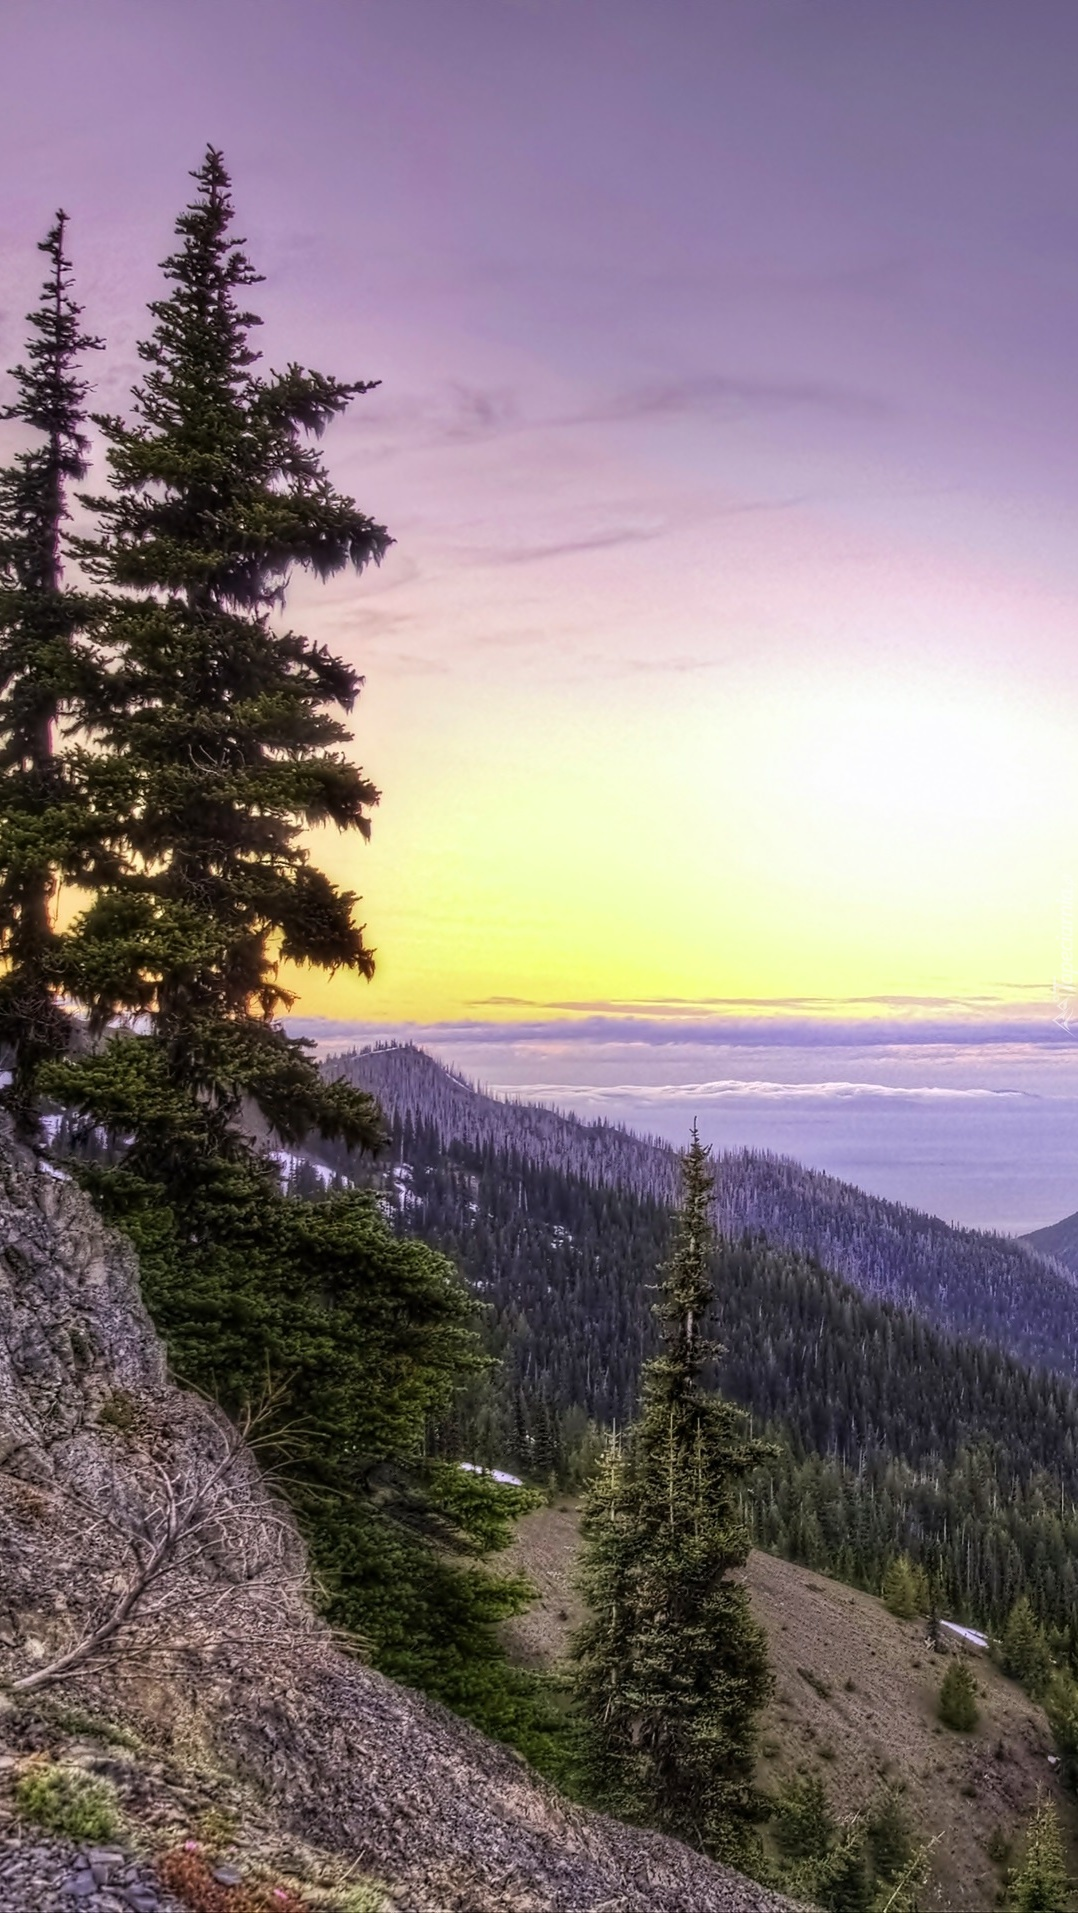 Góry i lasy w Parku Narodowym Olympic